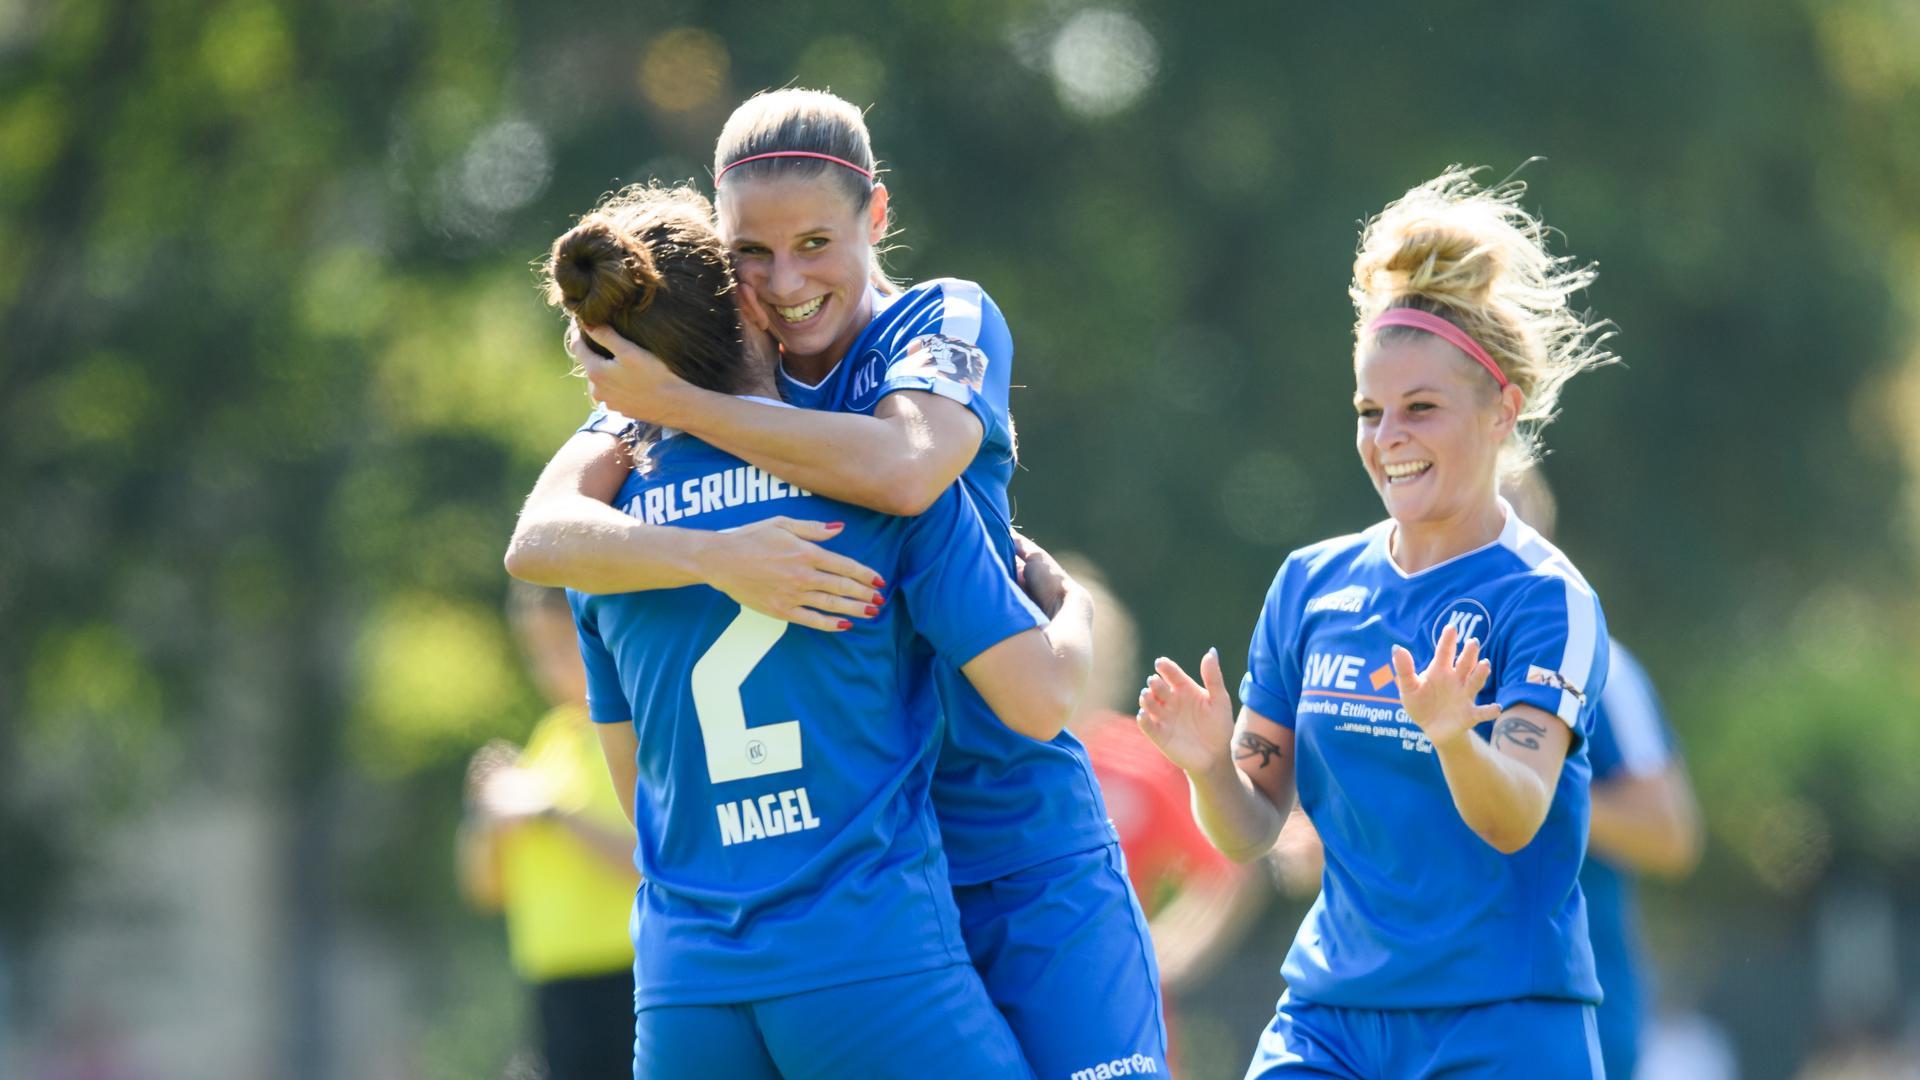 Jubel nach Tor zum 1:0 beim KSC. Melissa Zweigner-Genzer (KSC) umarmt mit Torschuetze Pia Nagel (KSC), rechts: Nele Schomaker (KSC).  GES/ Fussball/ Regionalliga Frauen: KSC - Kickers Offenbach, 13.09.2020